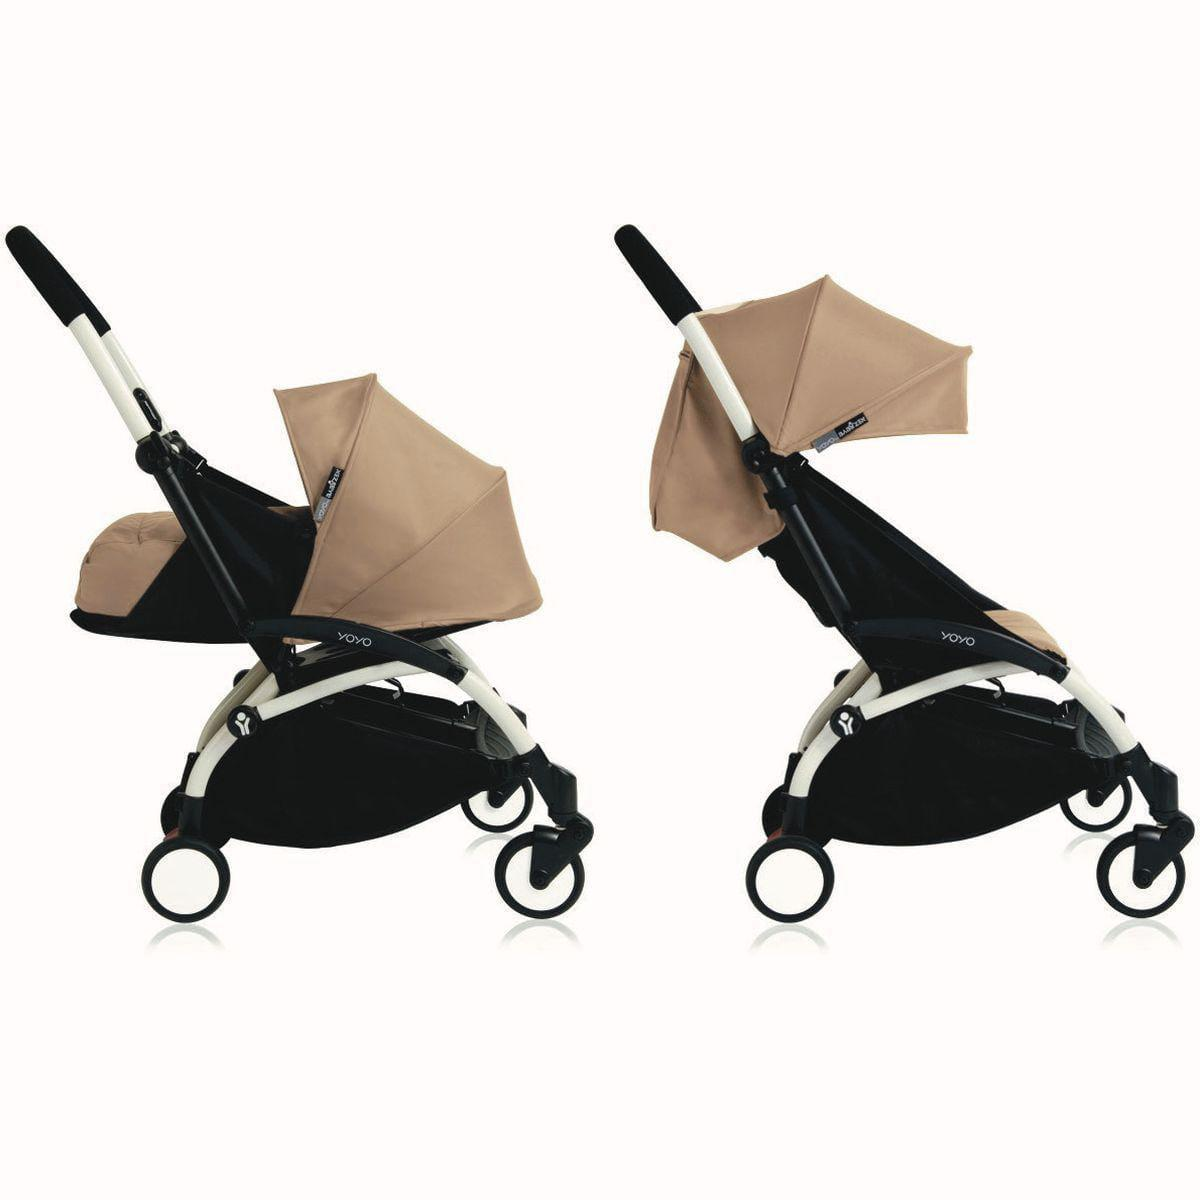 Silla paseo bebé-infantil YOYO+ 0+ a 6+ Babyzen blanco-taupe